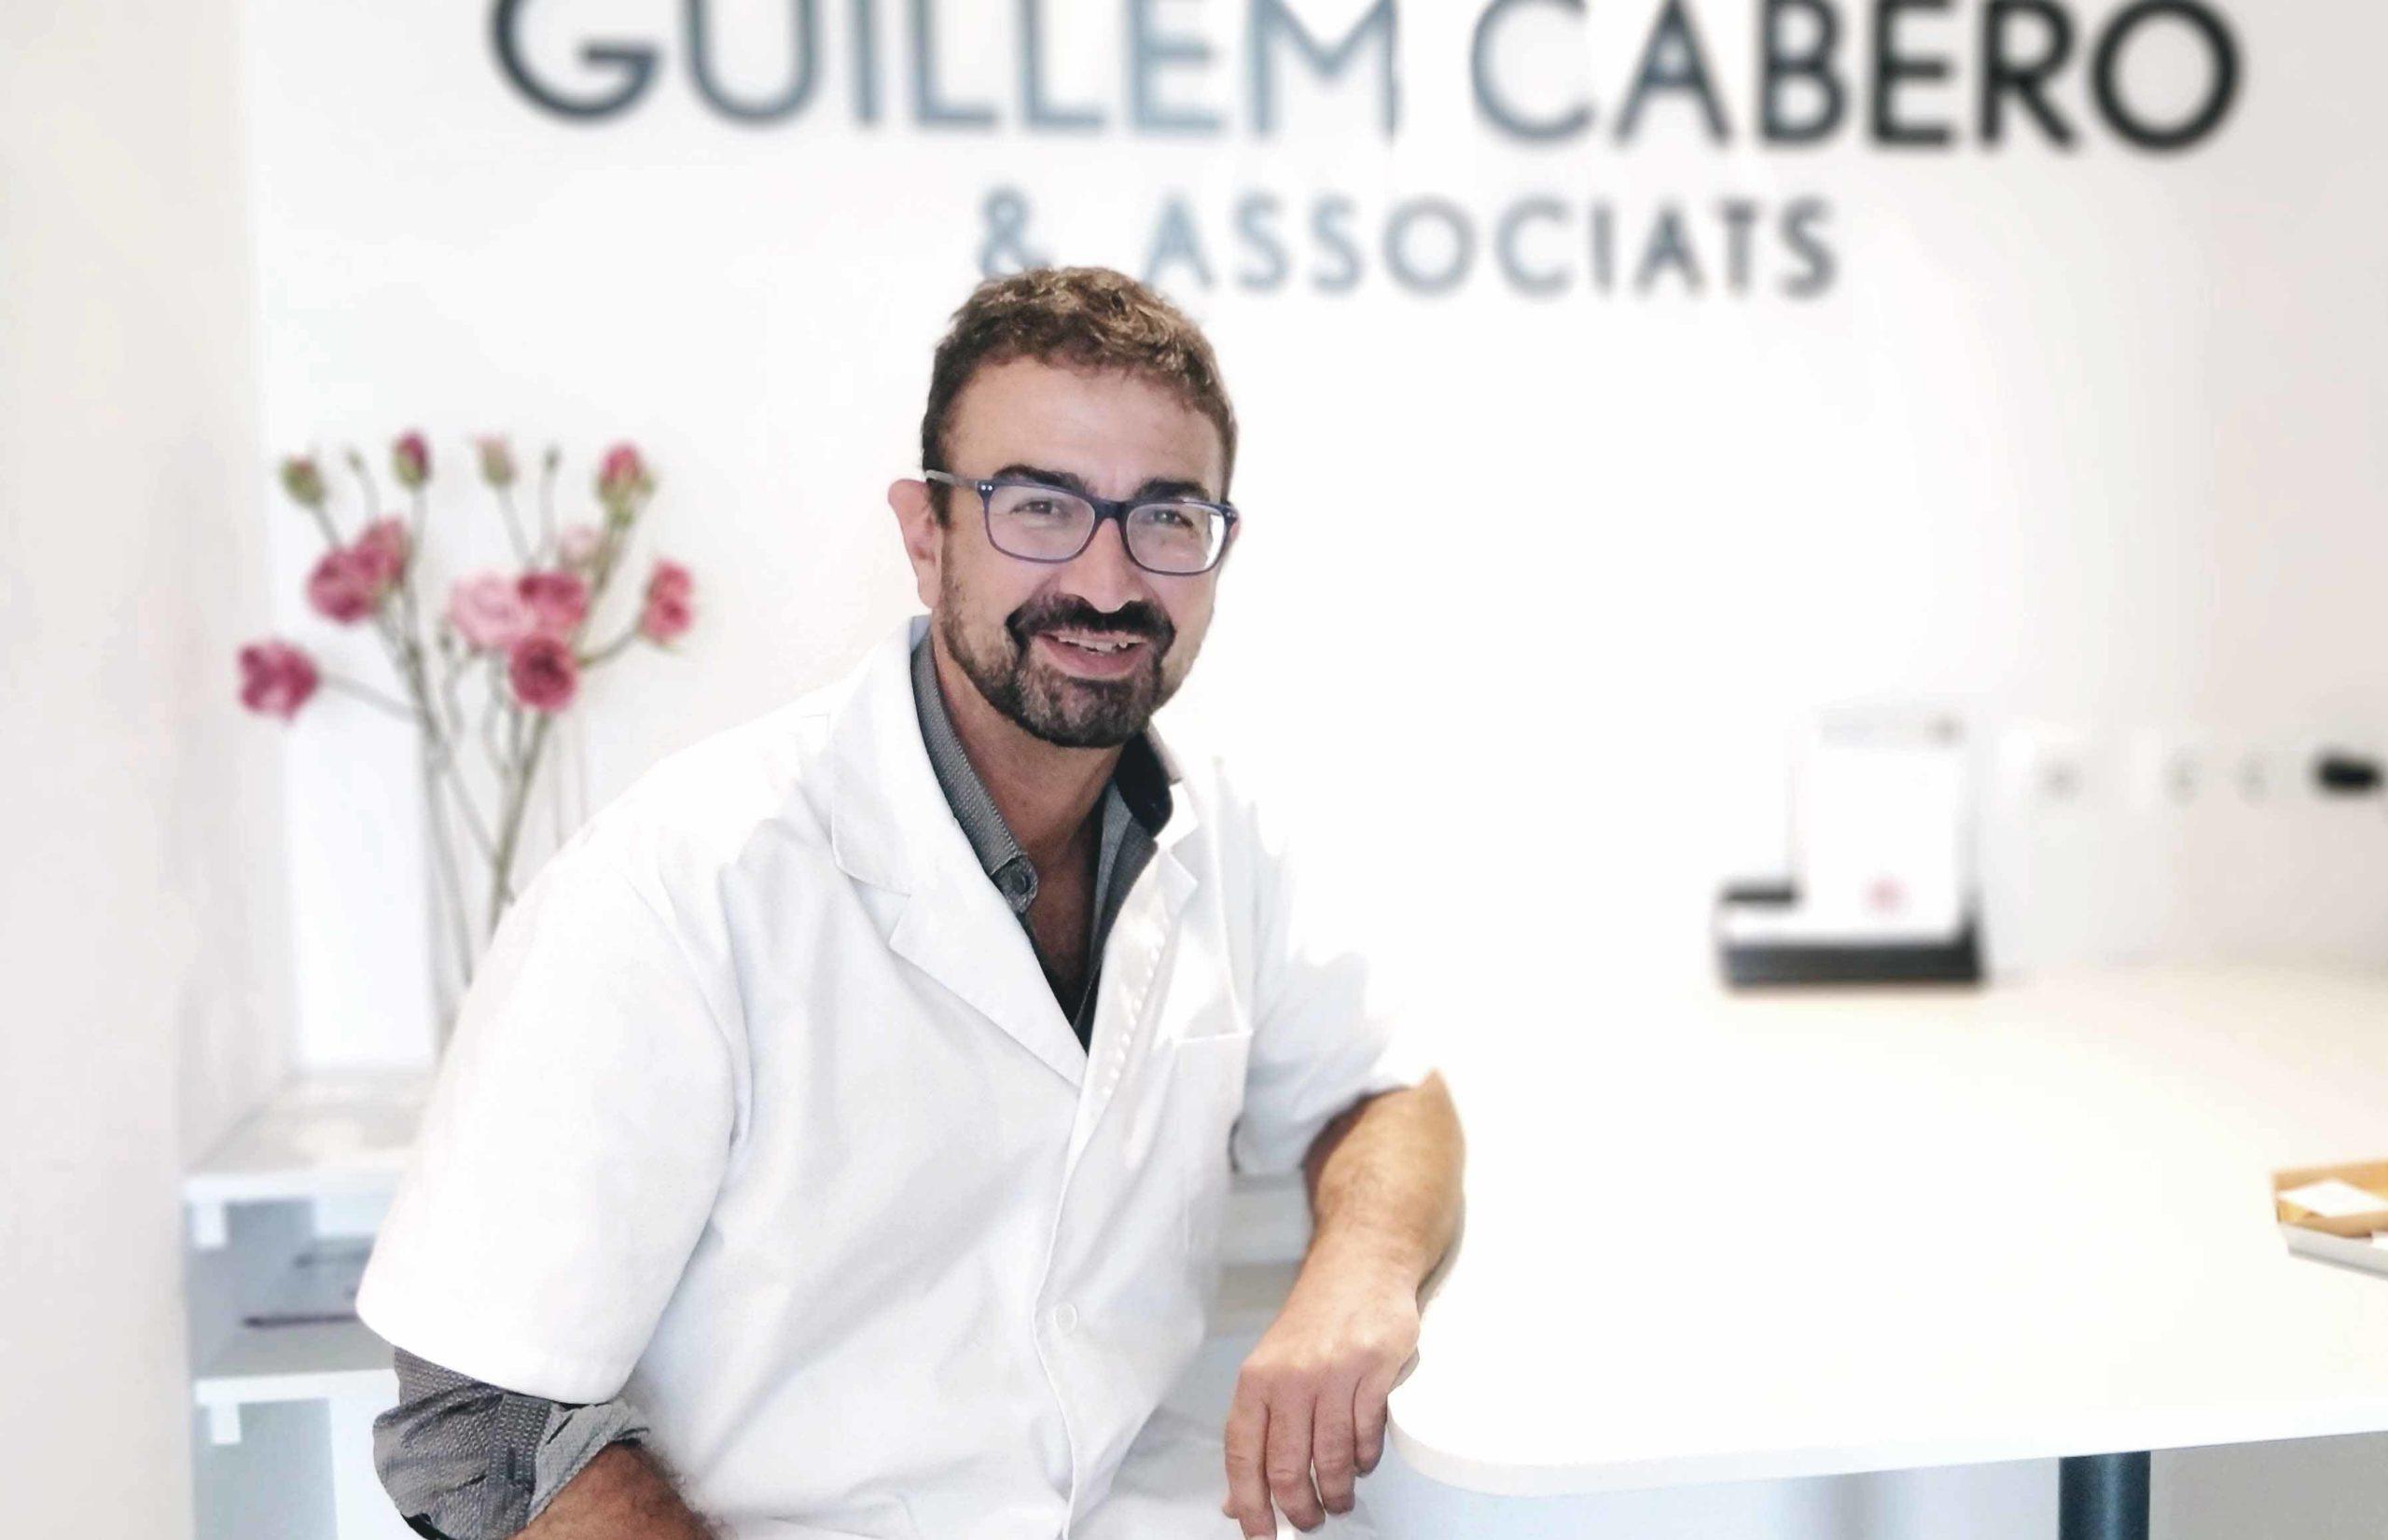 Dr. Guillem Cabero